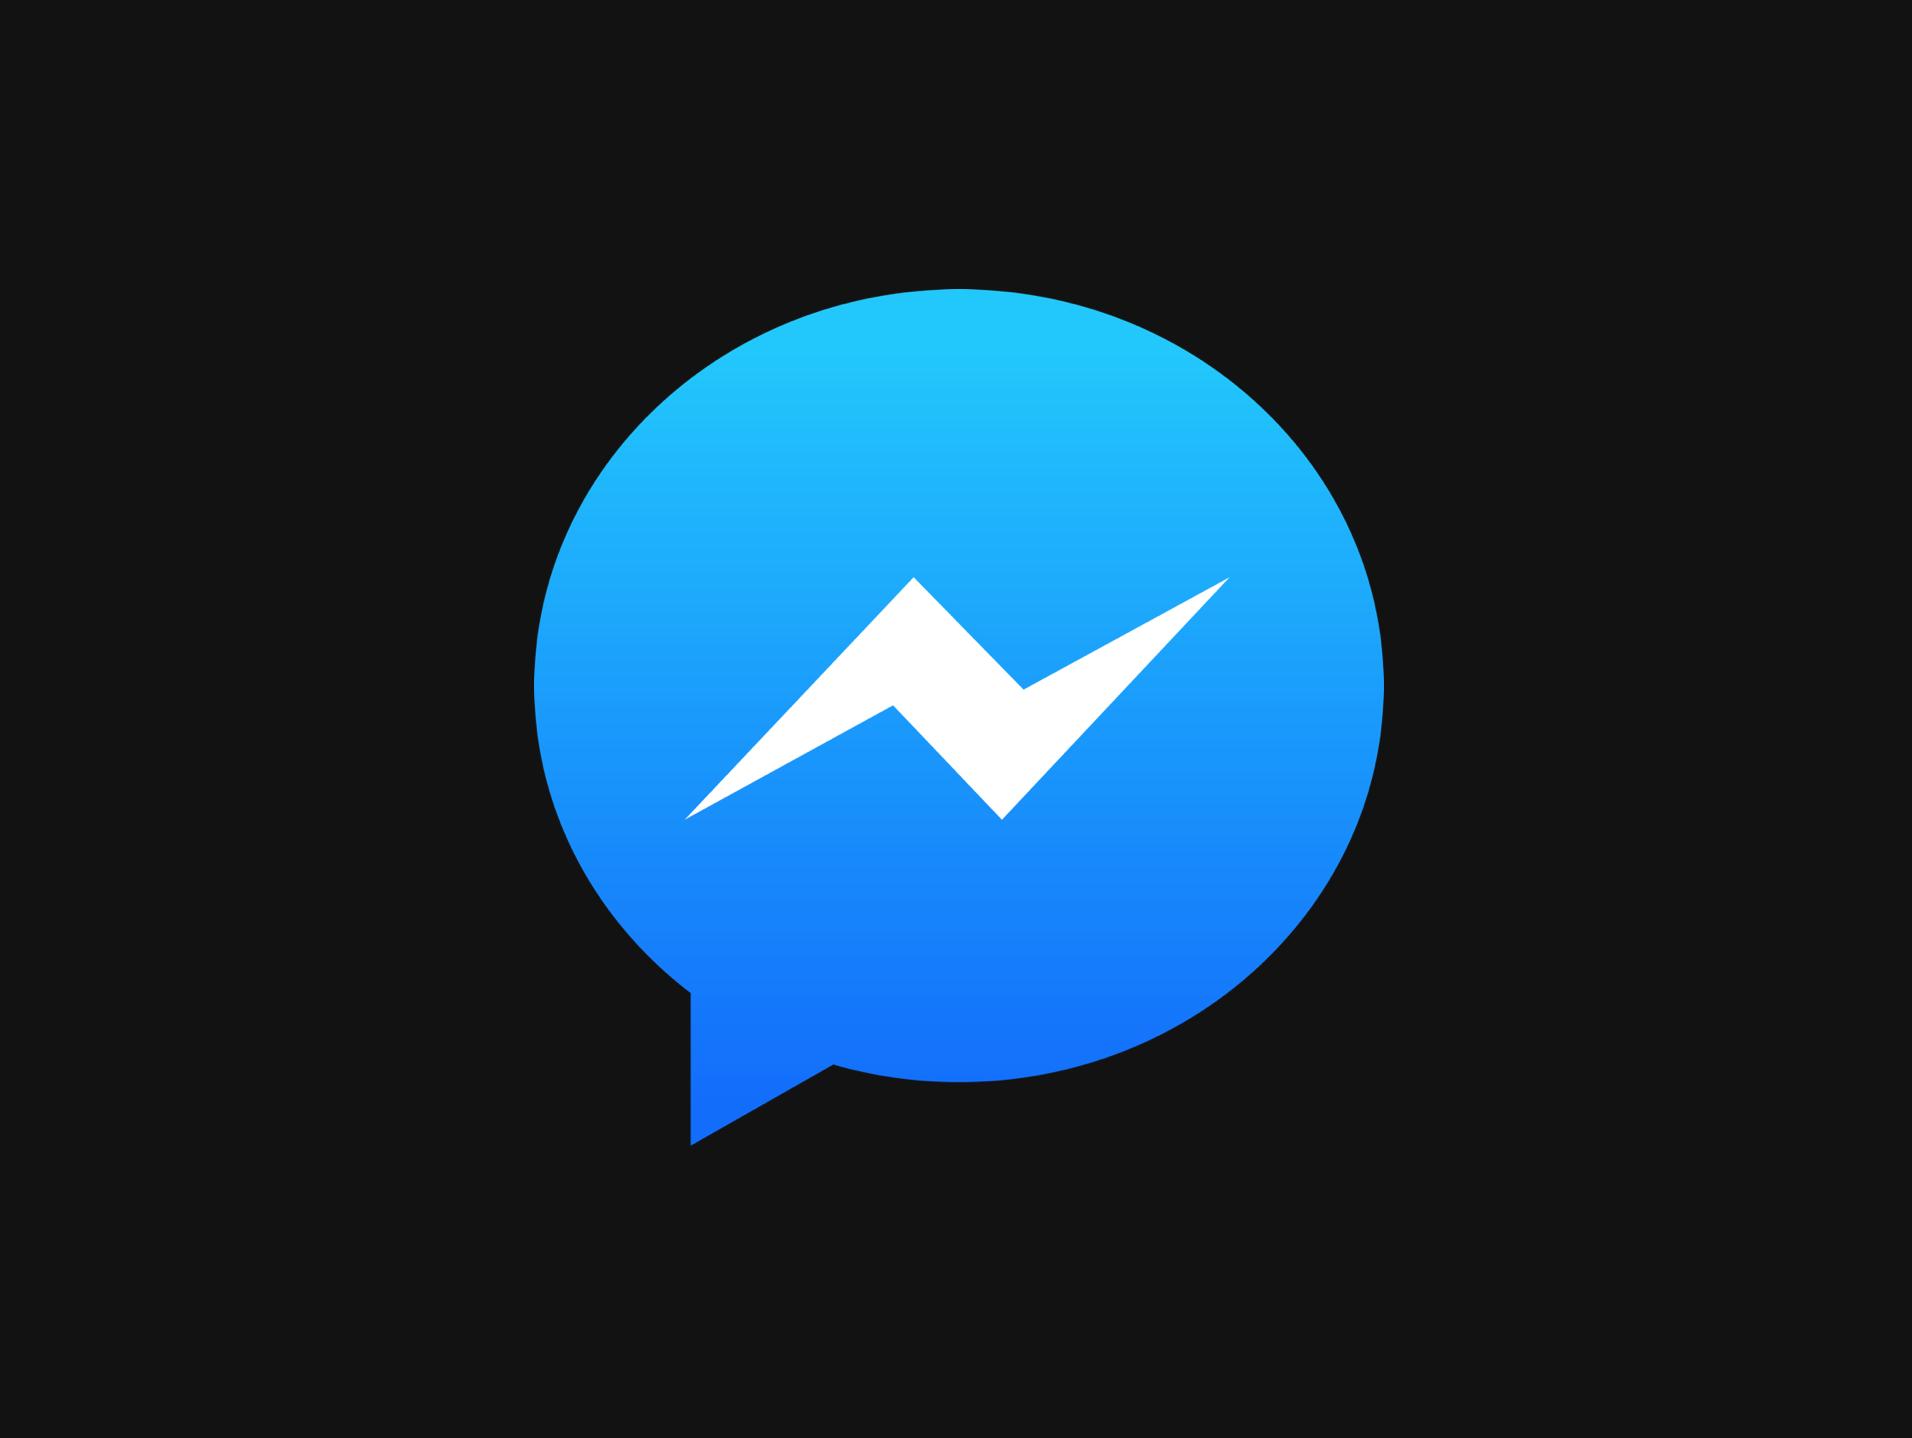 Die Zukunft der Facebook Messenger Plattform